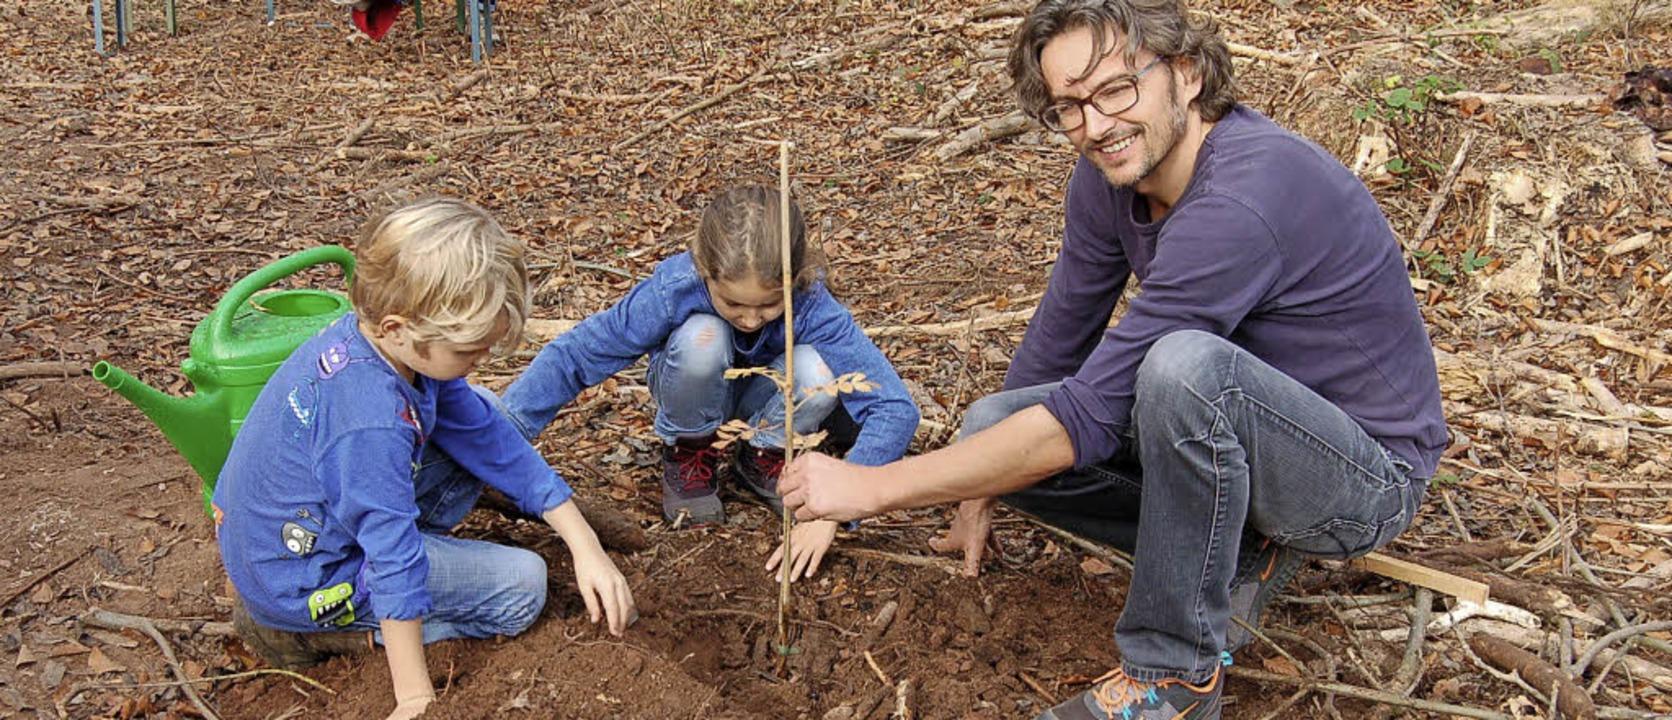 Alexander Nold mit seinen beiden Kindern Emmi und Milan setzen einen Speierling  | Foto: Christian Ringwald